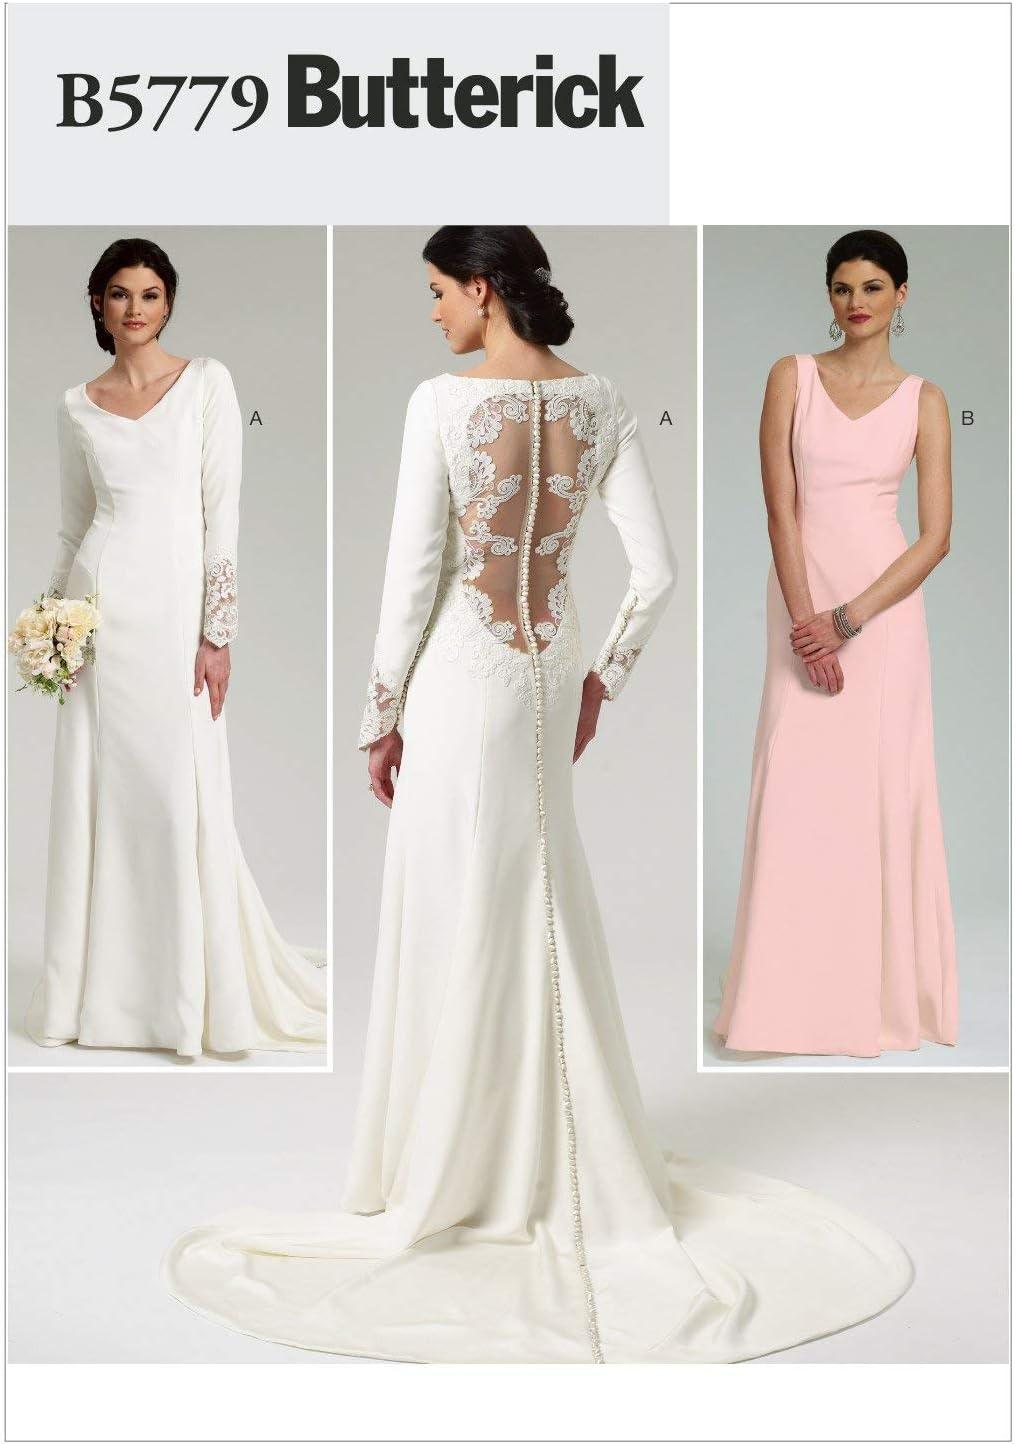 Atlanta Mall Butterick Patterns B5779AX5 Misses' Dress Size Pattern A Sewing Popular standard